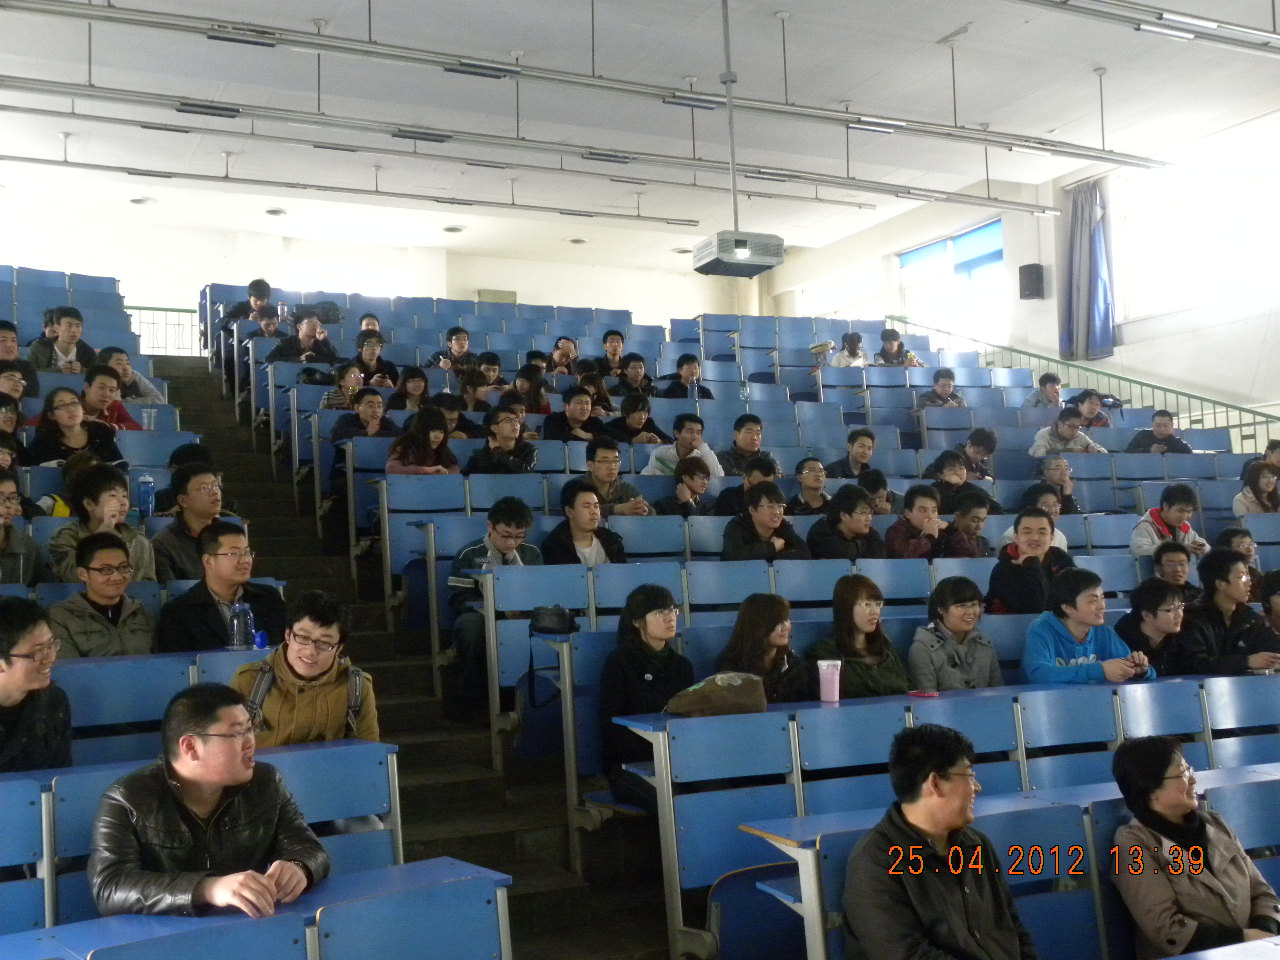 材料学院举办大学生职业生涯规划和就业心理讲座图片